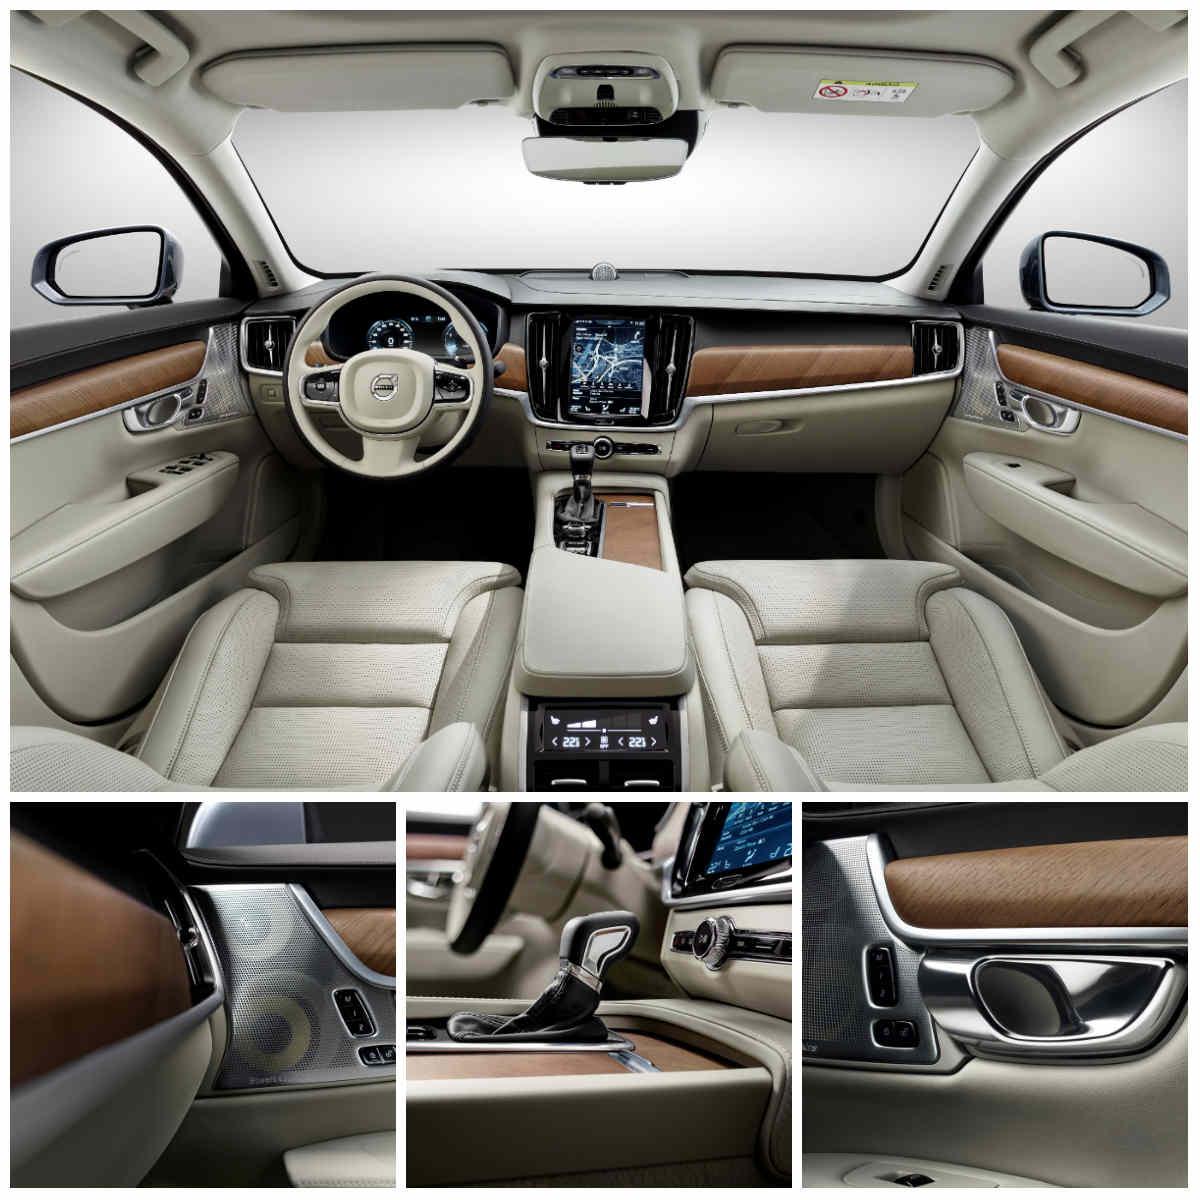 Yeni Volvo S90 iç alan